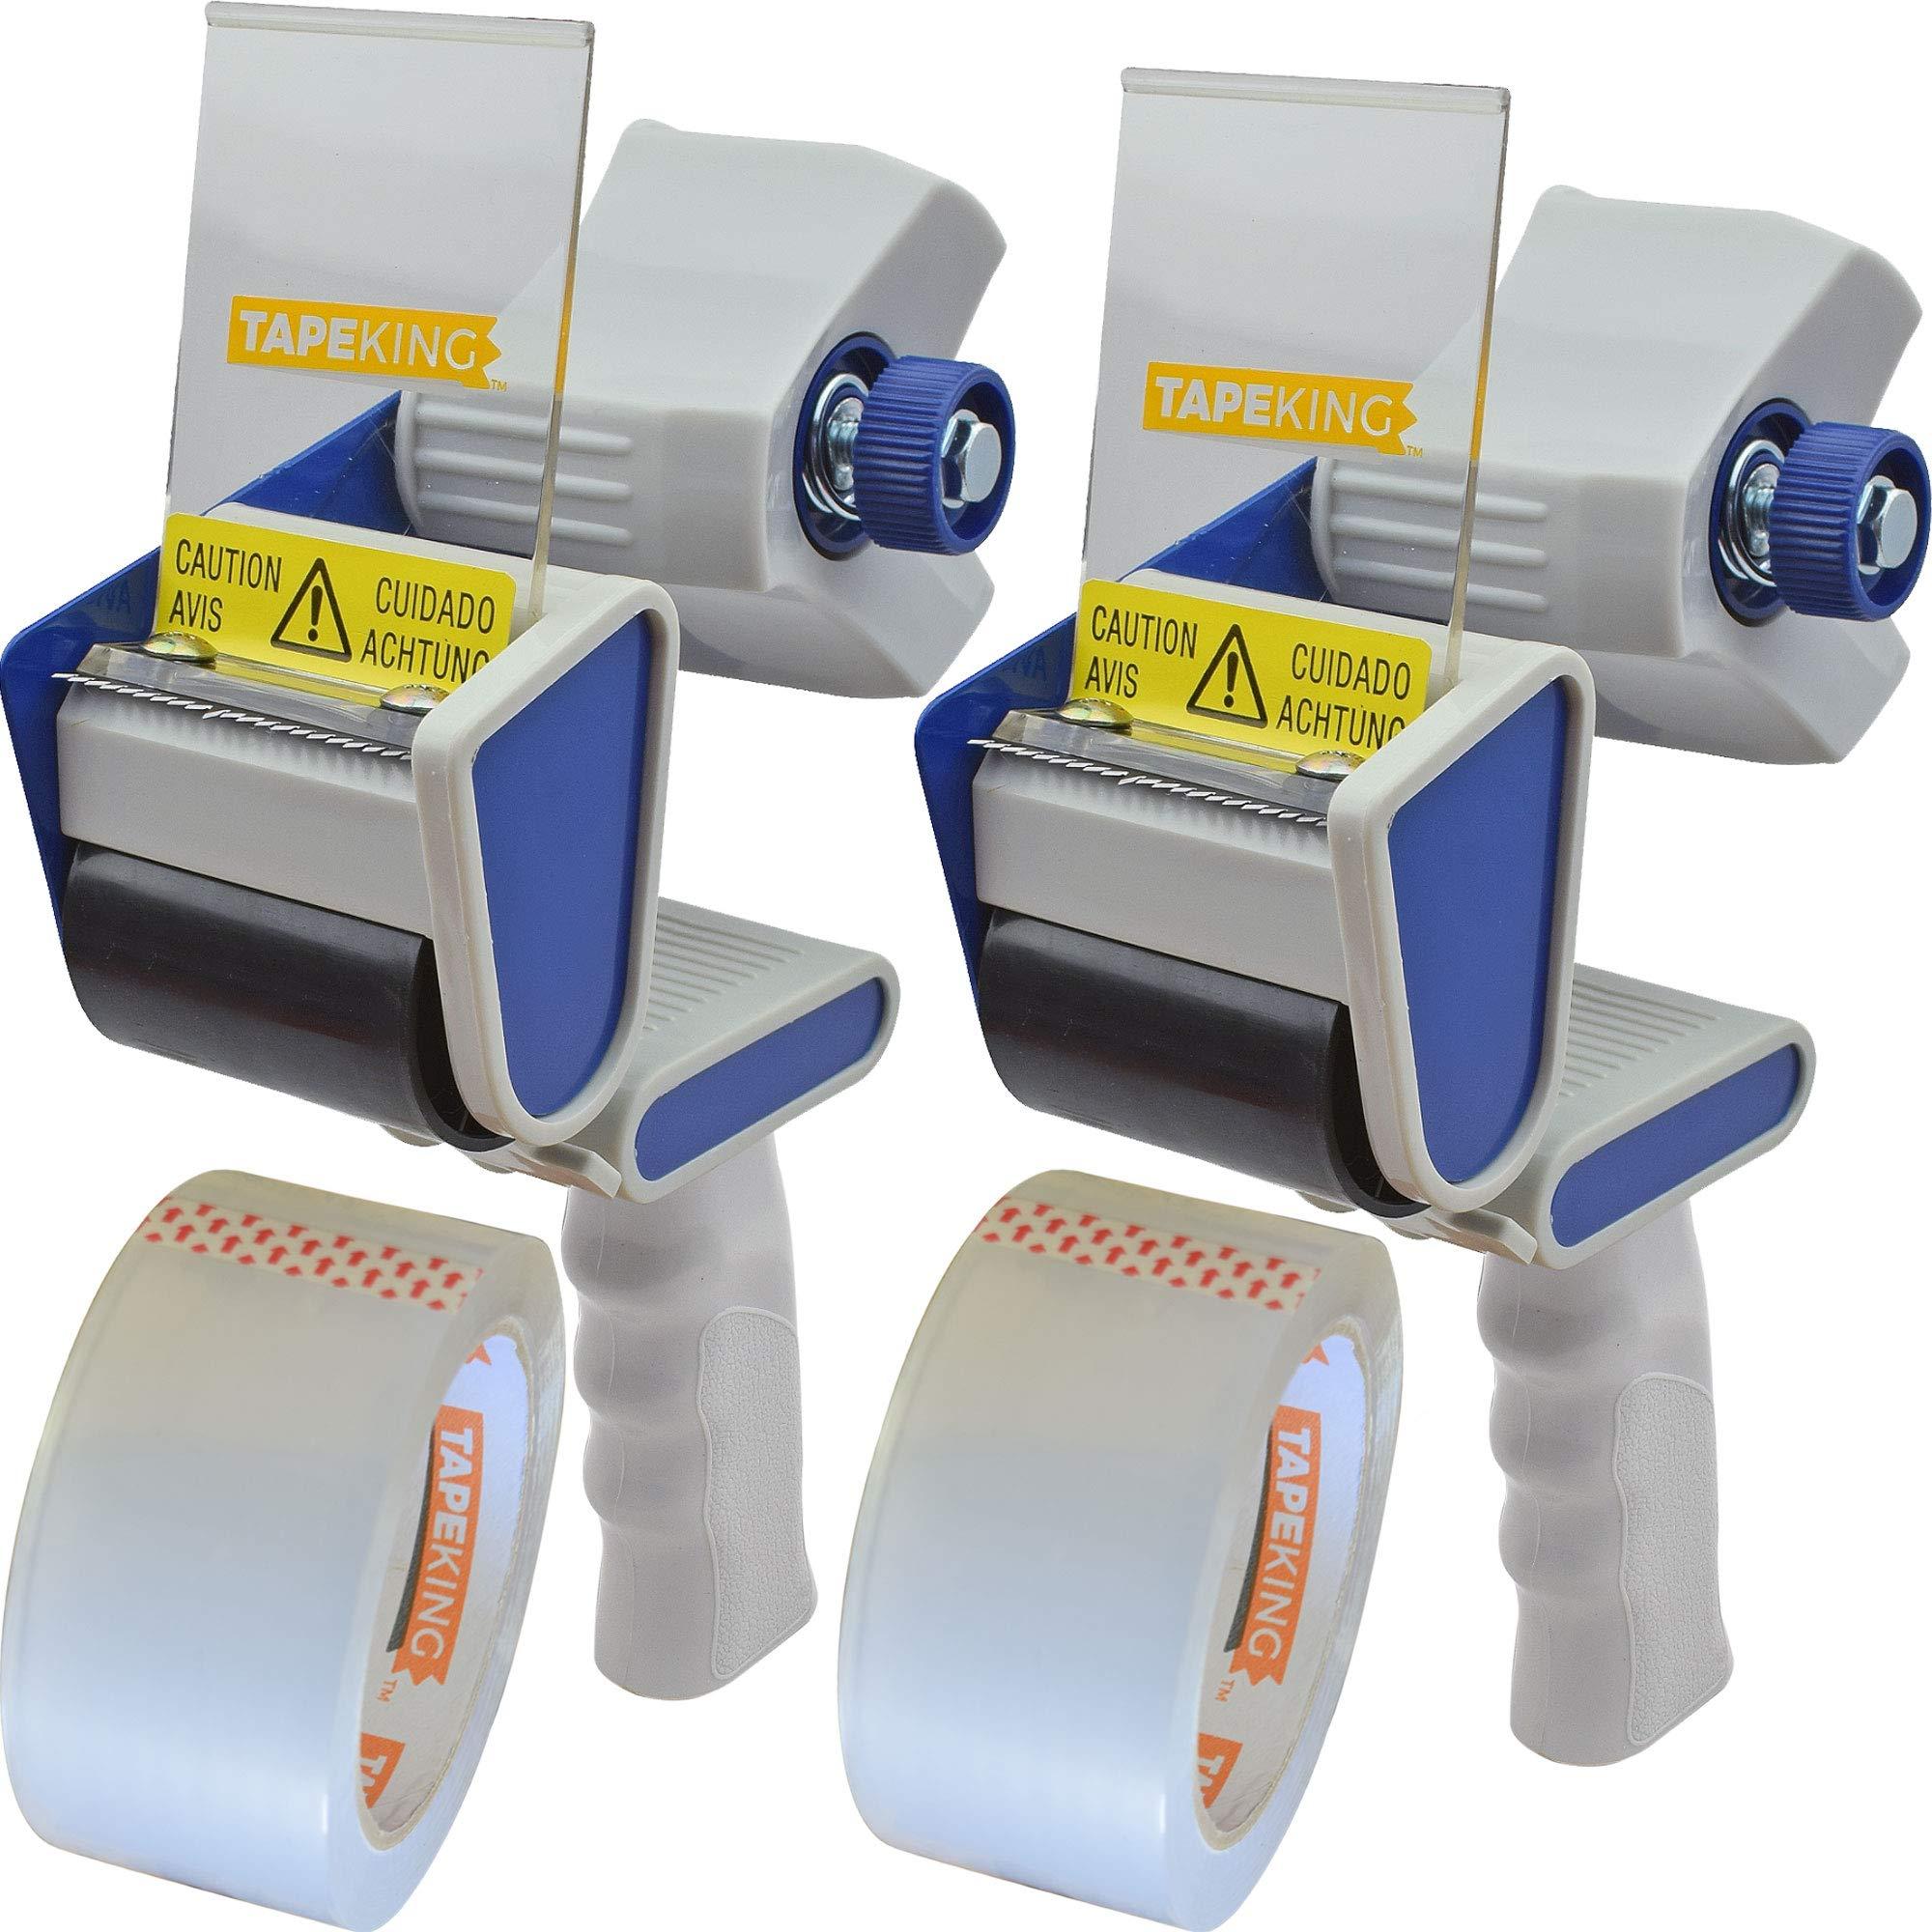 bdcf36c33aa Tape King TX100 Packing Tape Dispenser Gun (2 Pack) - Plus 2 Free Rolls